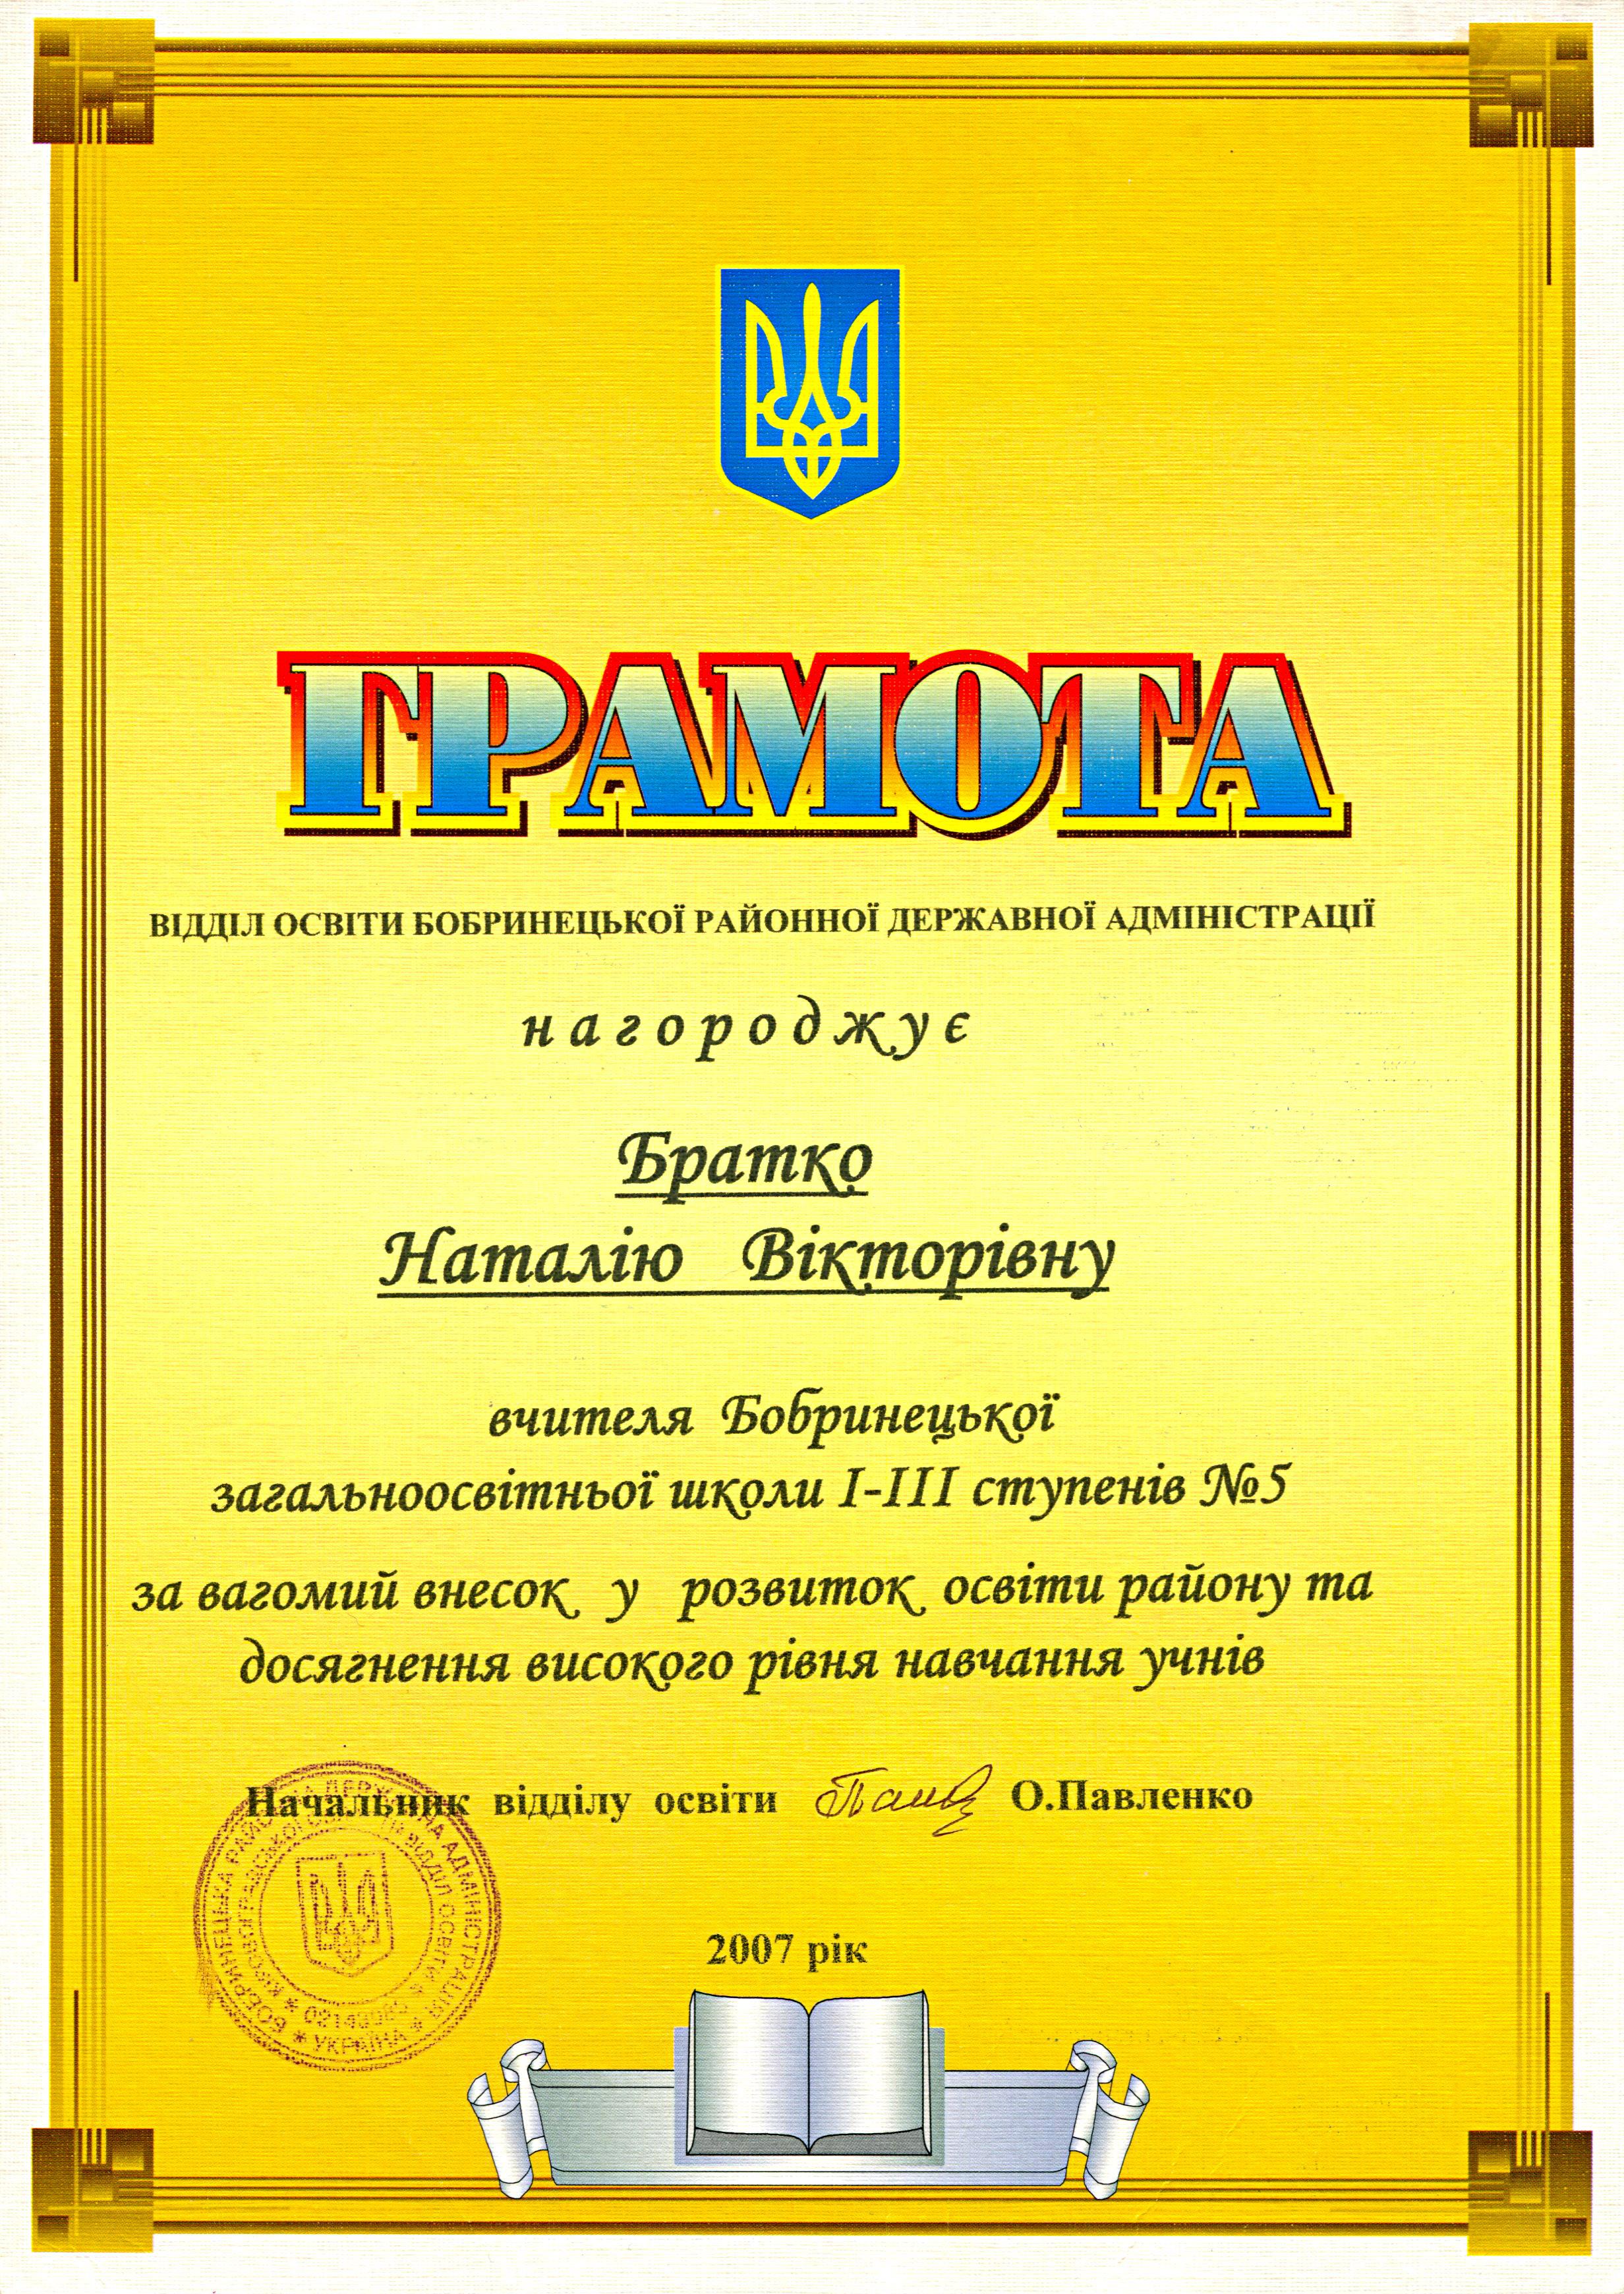 200704_certificate